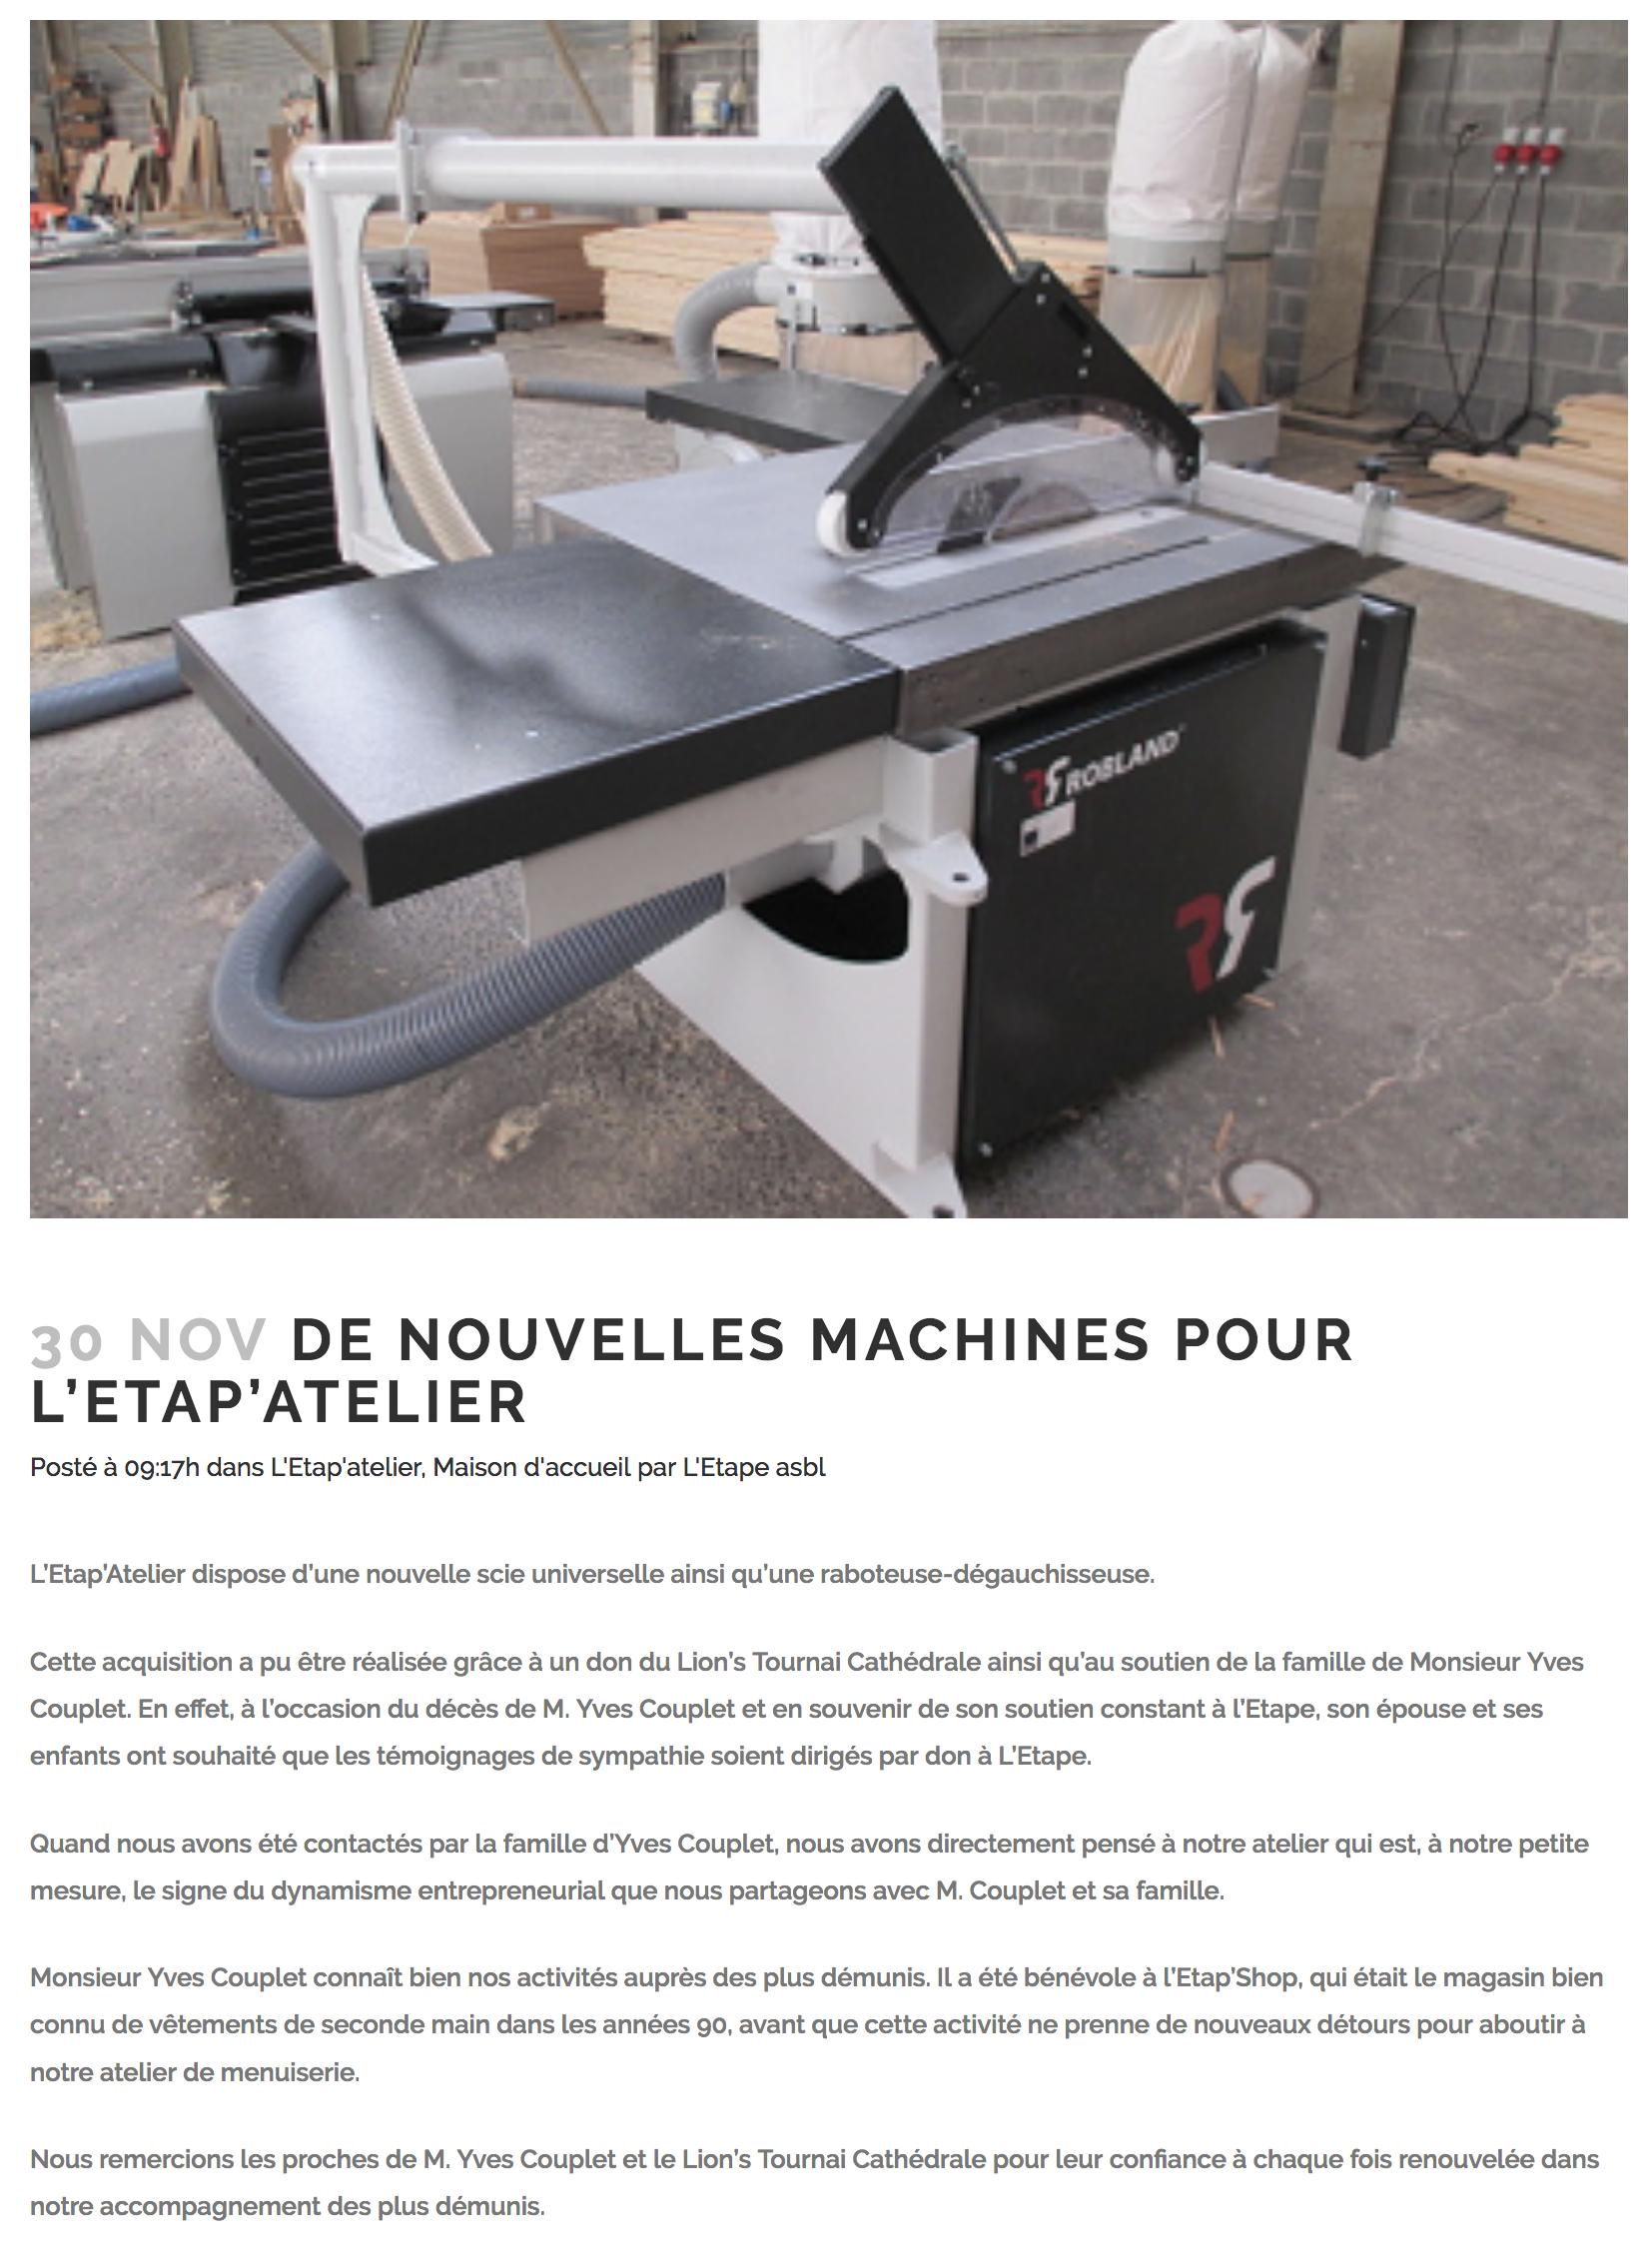 20181130 Etape nouvelle machine